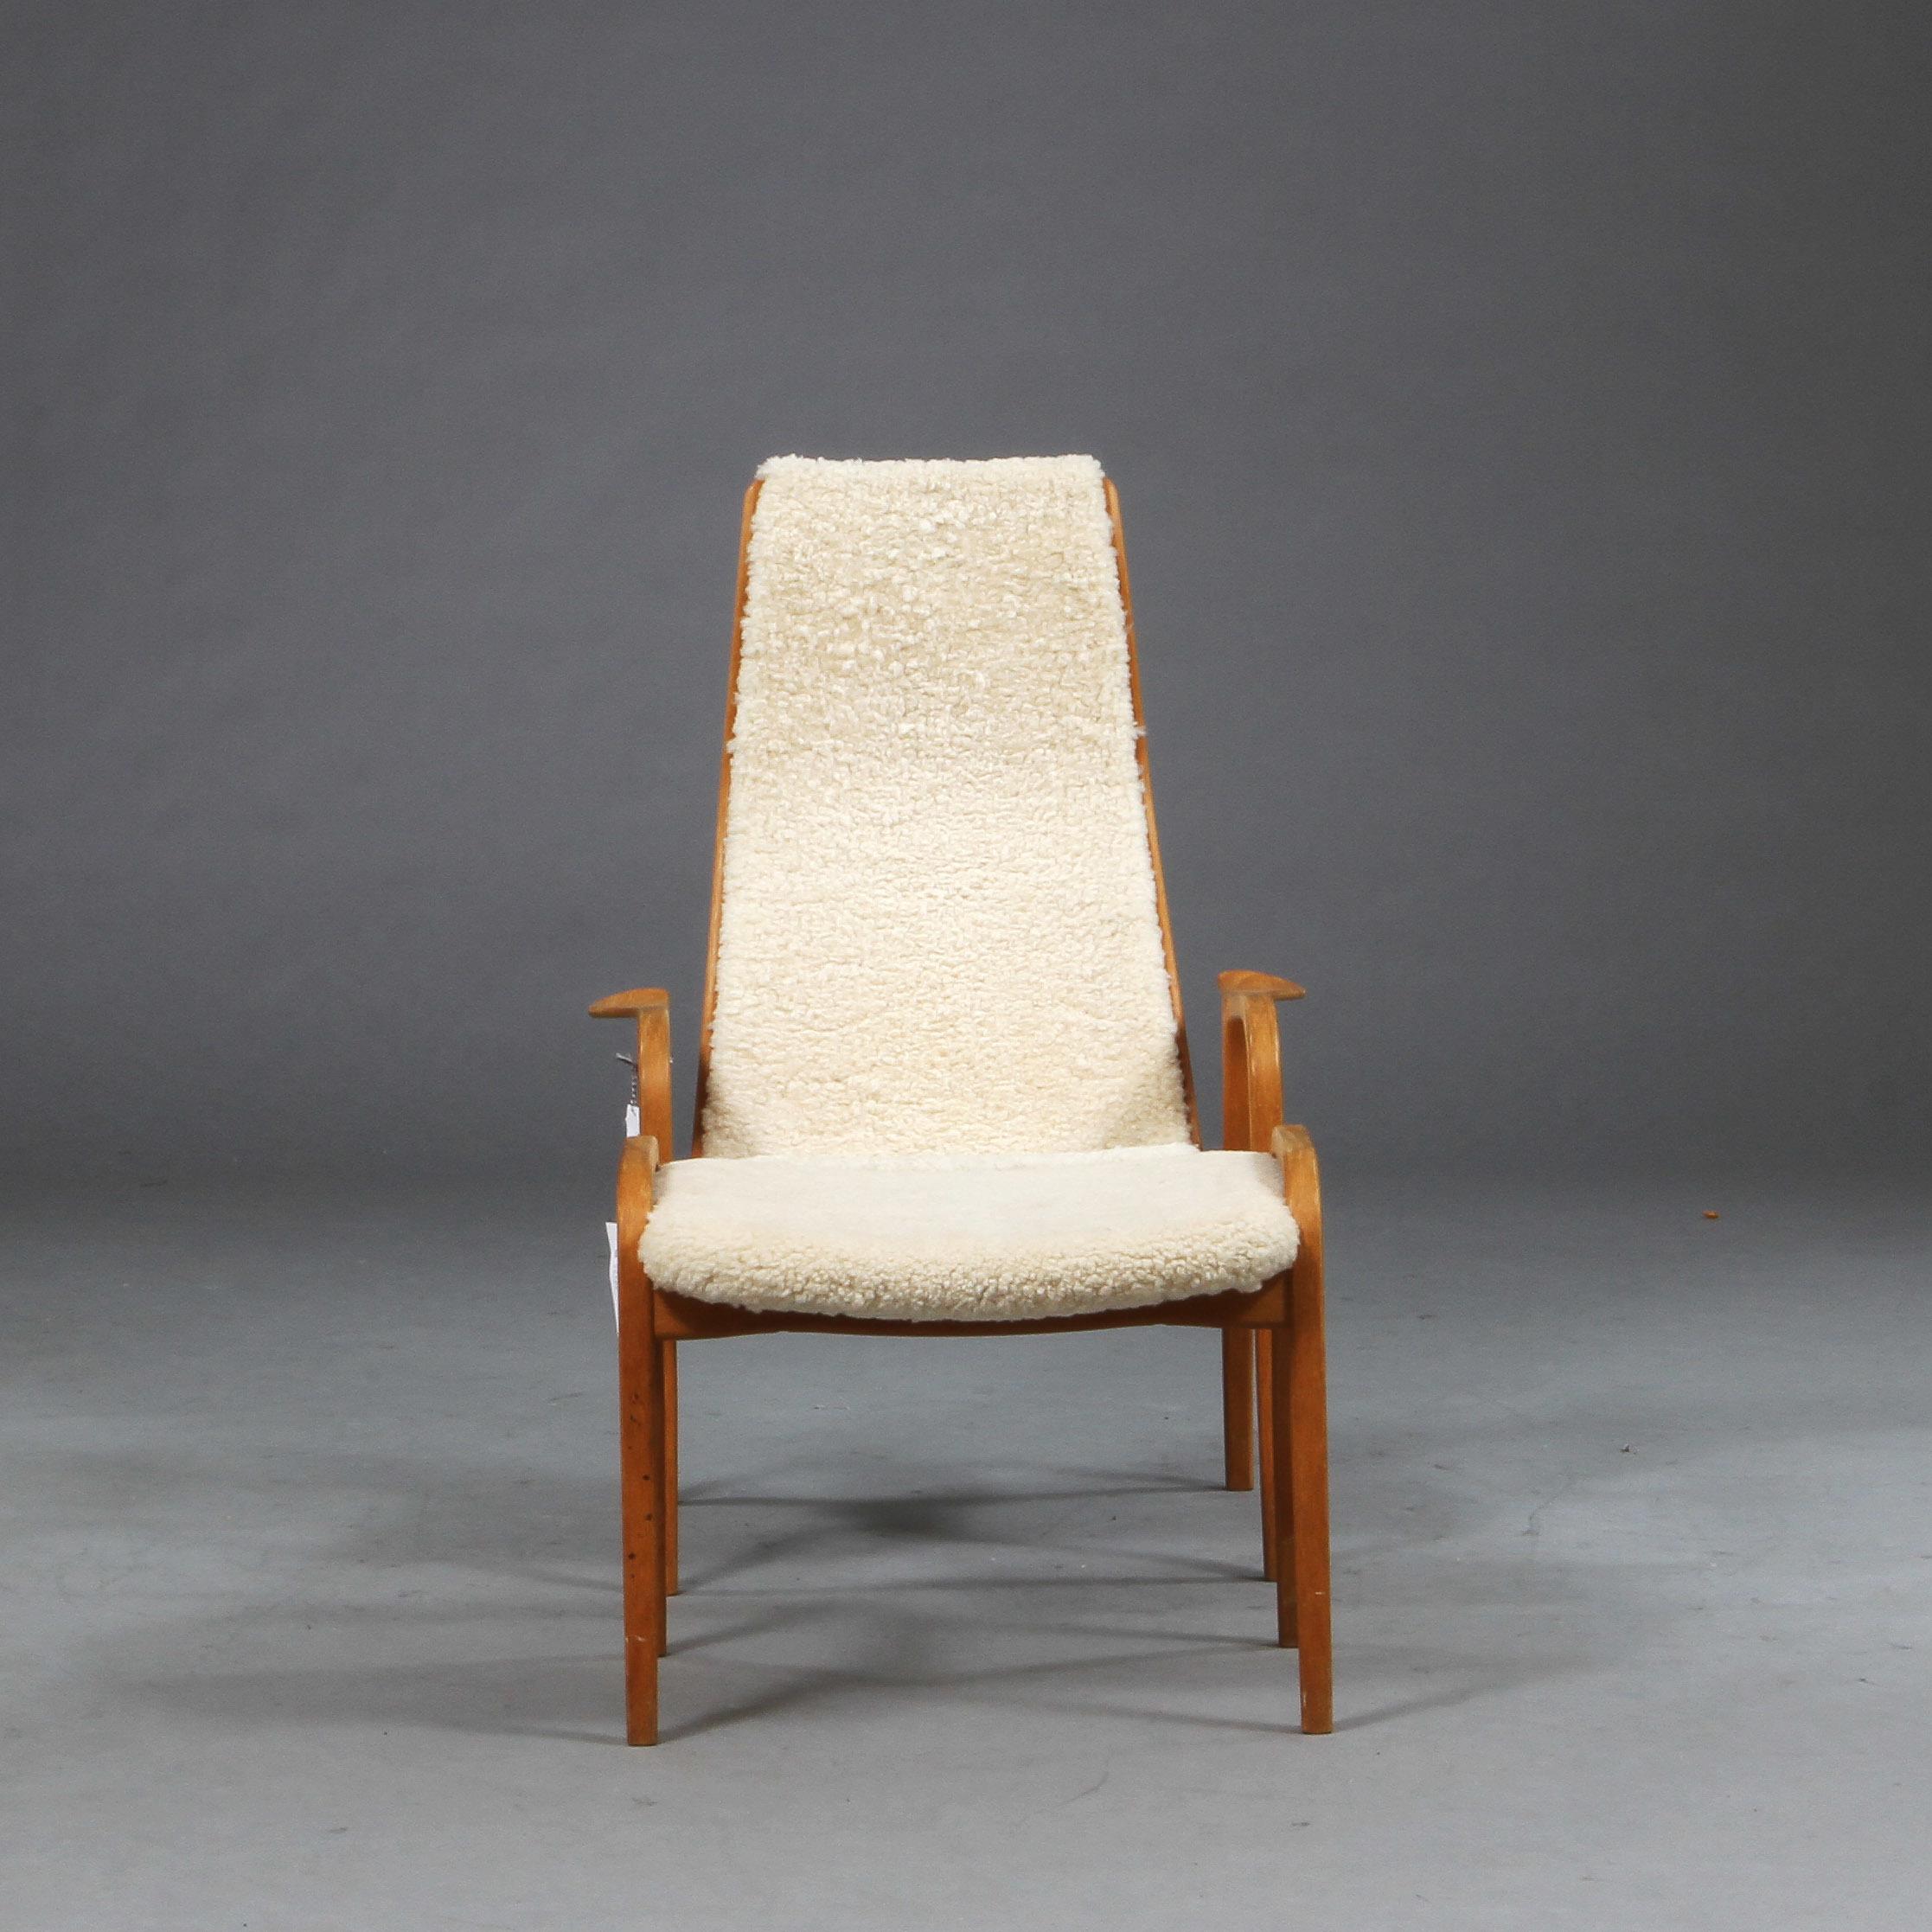 """Bilder för 591720 FåTÖLJ med FOTPALL""""Lamino"""", Yngve Ekström för Swedese Auctionet"""